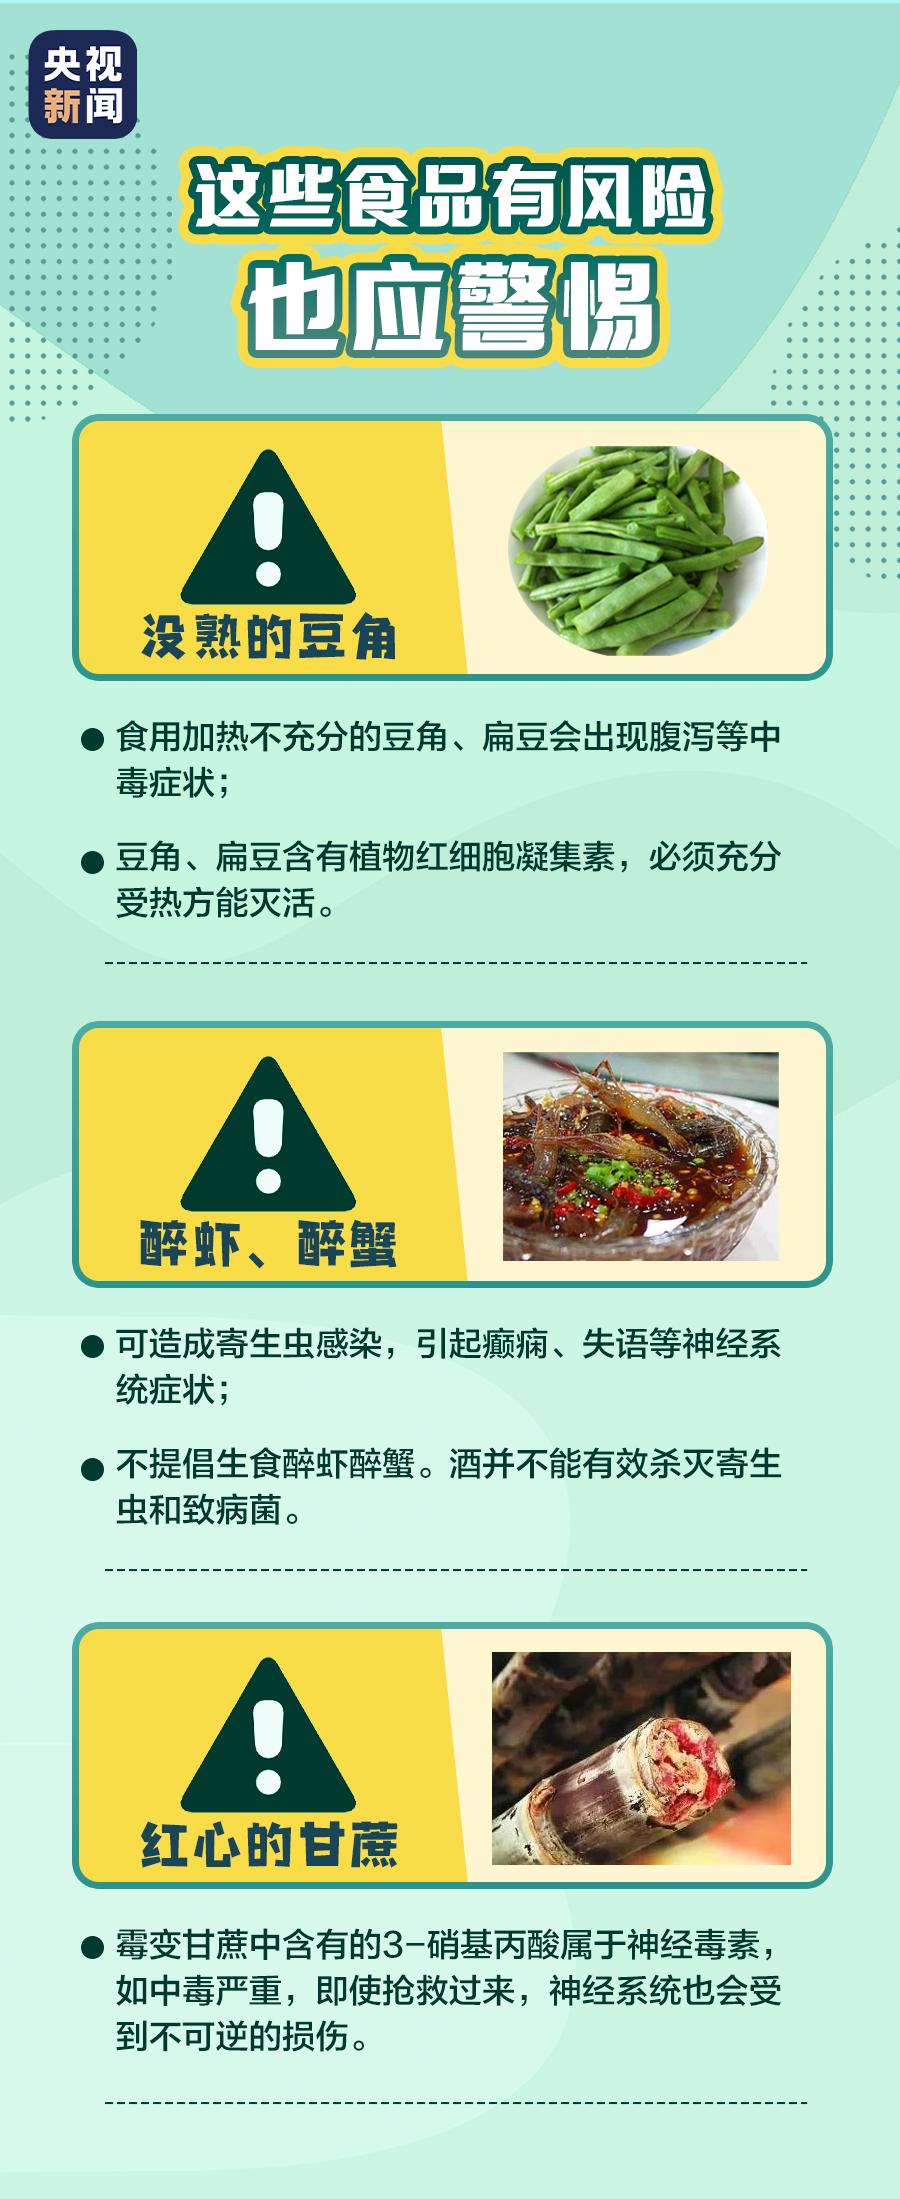 """9人聚餐8人死亡的""""真凶""""米酵菌酸,究竟有多""""毒""""?-小苏-每日微信精选"""